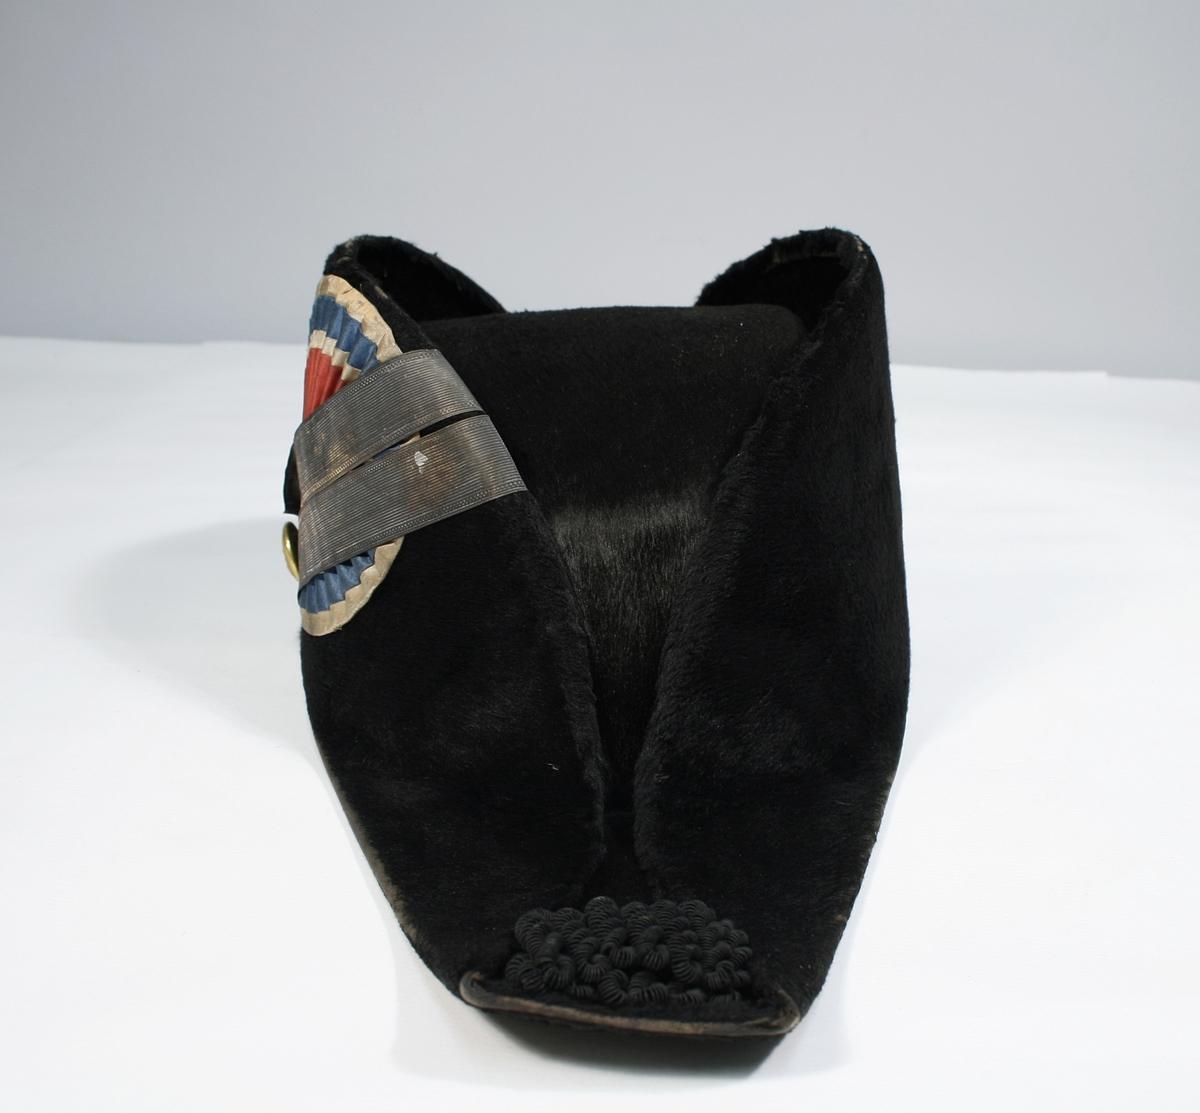 Flosset stoff, snutene forsynt med possement prydelser i sort. På høyre side kokarde, og bånd festet med knapp, riksløven av 1844.  Hatten har original hakerem.